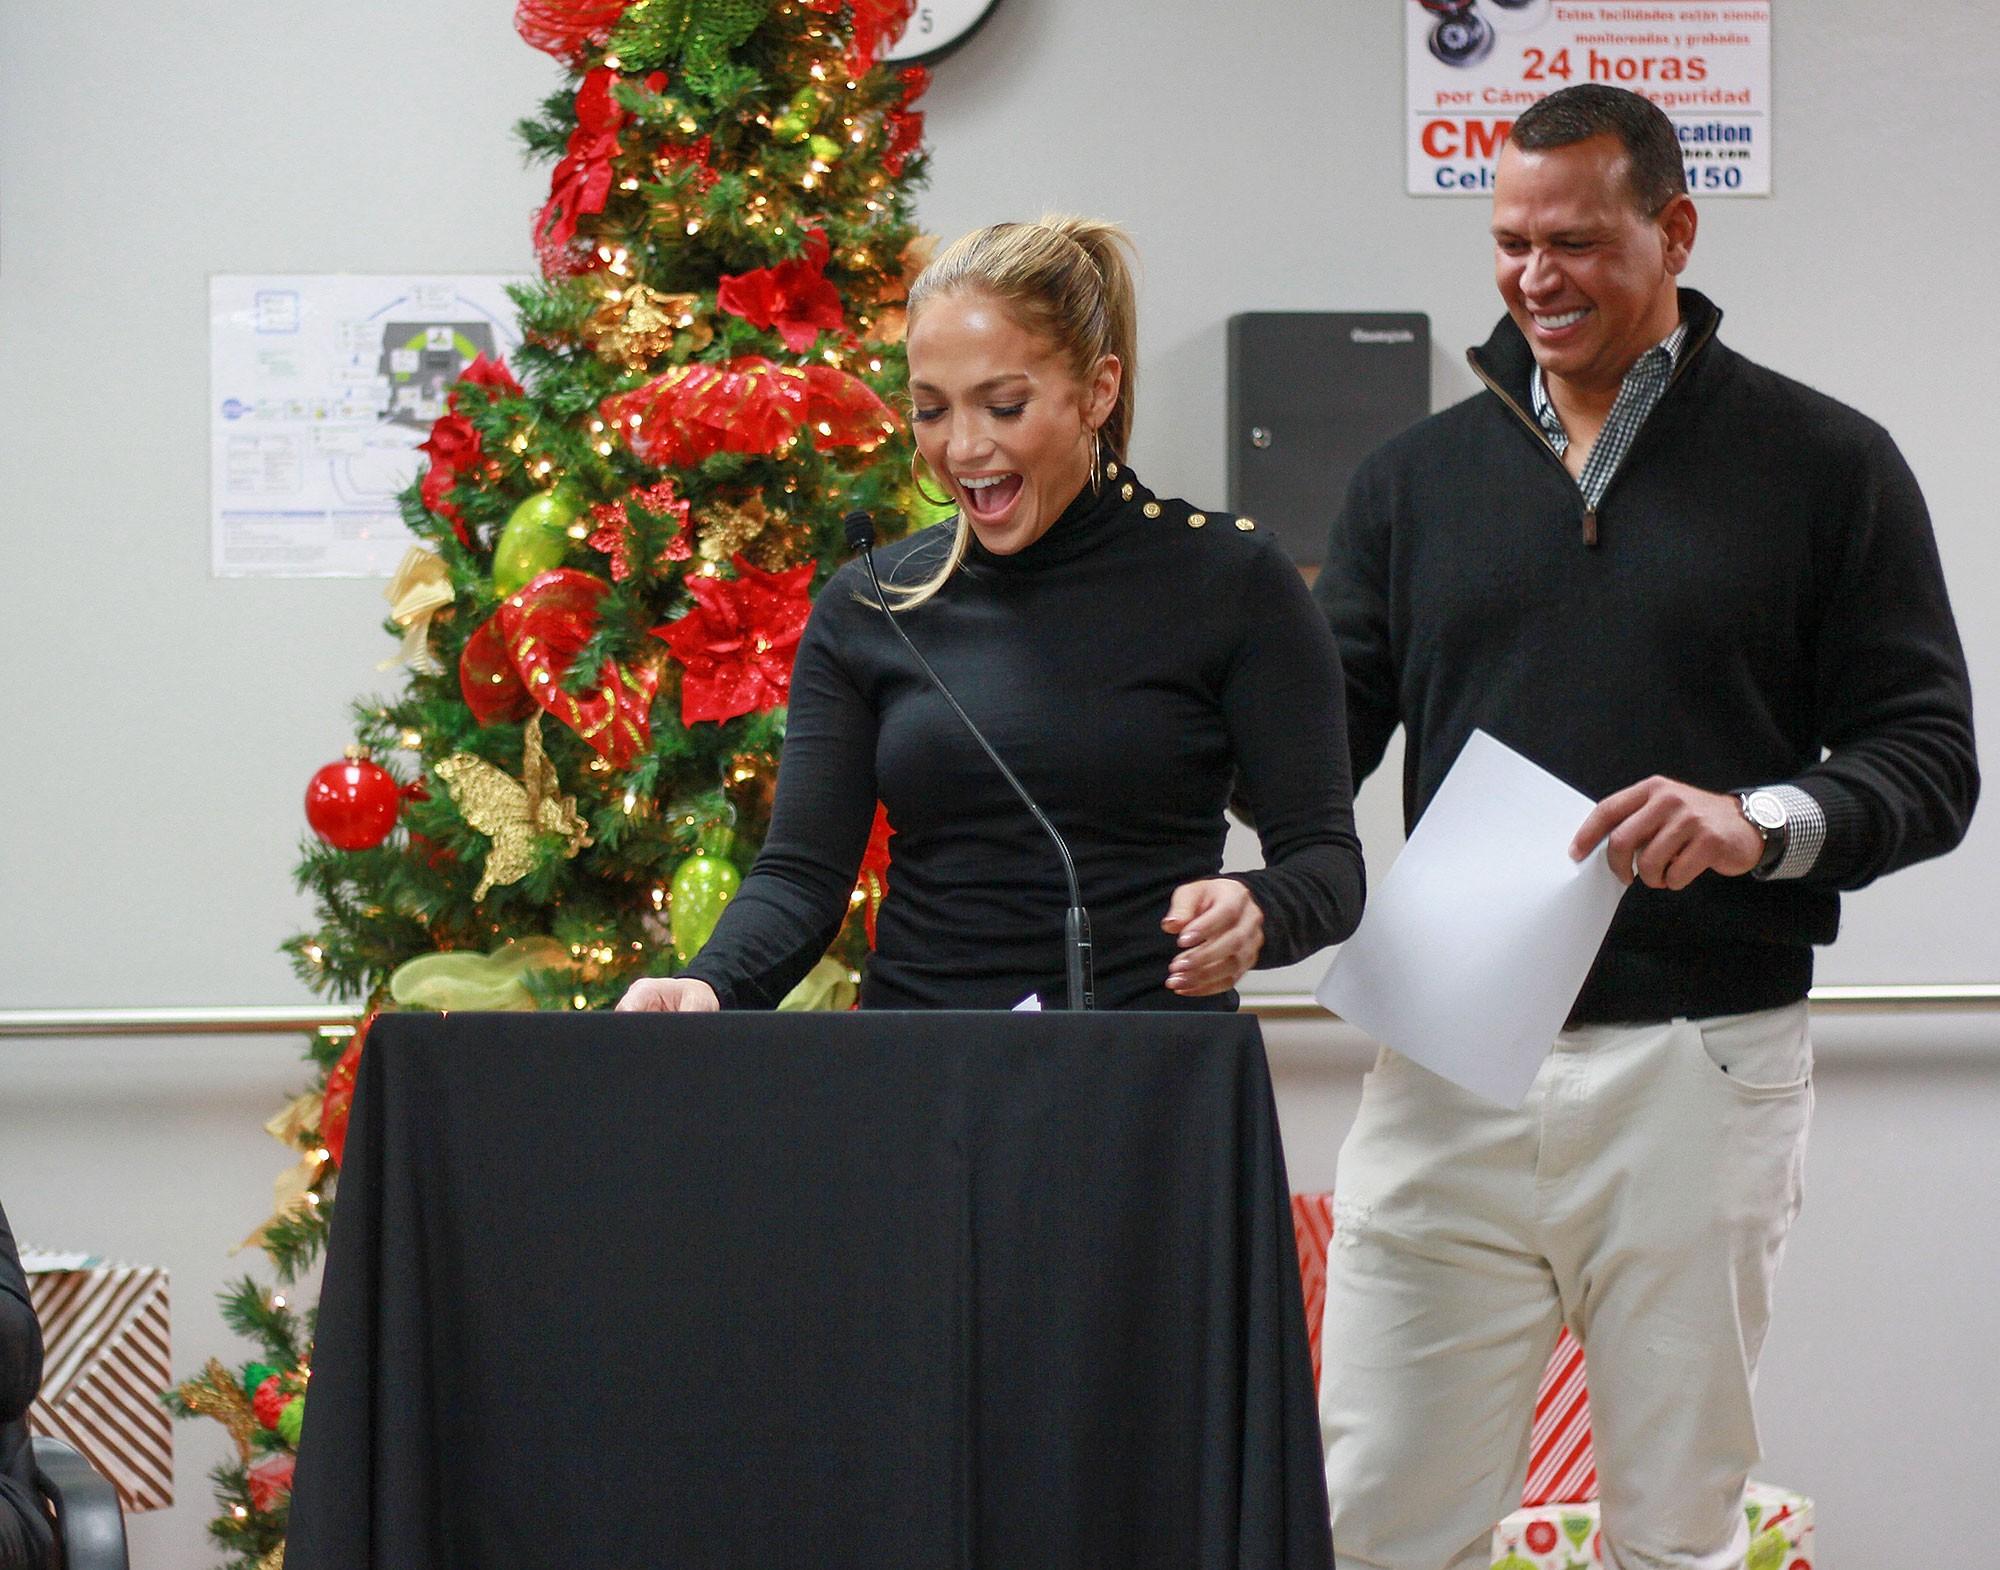 Hưởng ứng #MeToo, Jennifer Lopez tiết lộ từng bị ép cởi áo khoe ngực khi mới vào showbiz - Ảnh 2.